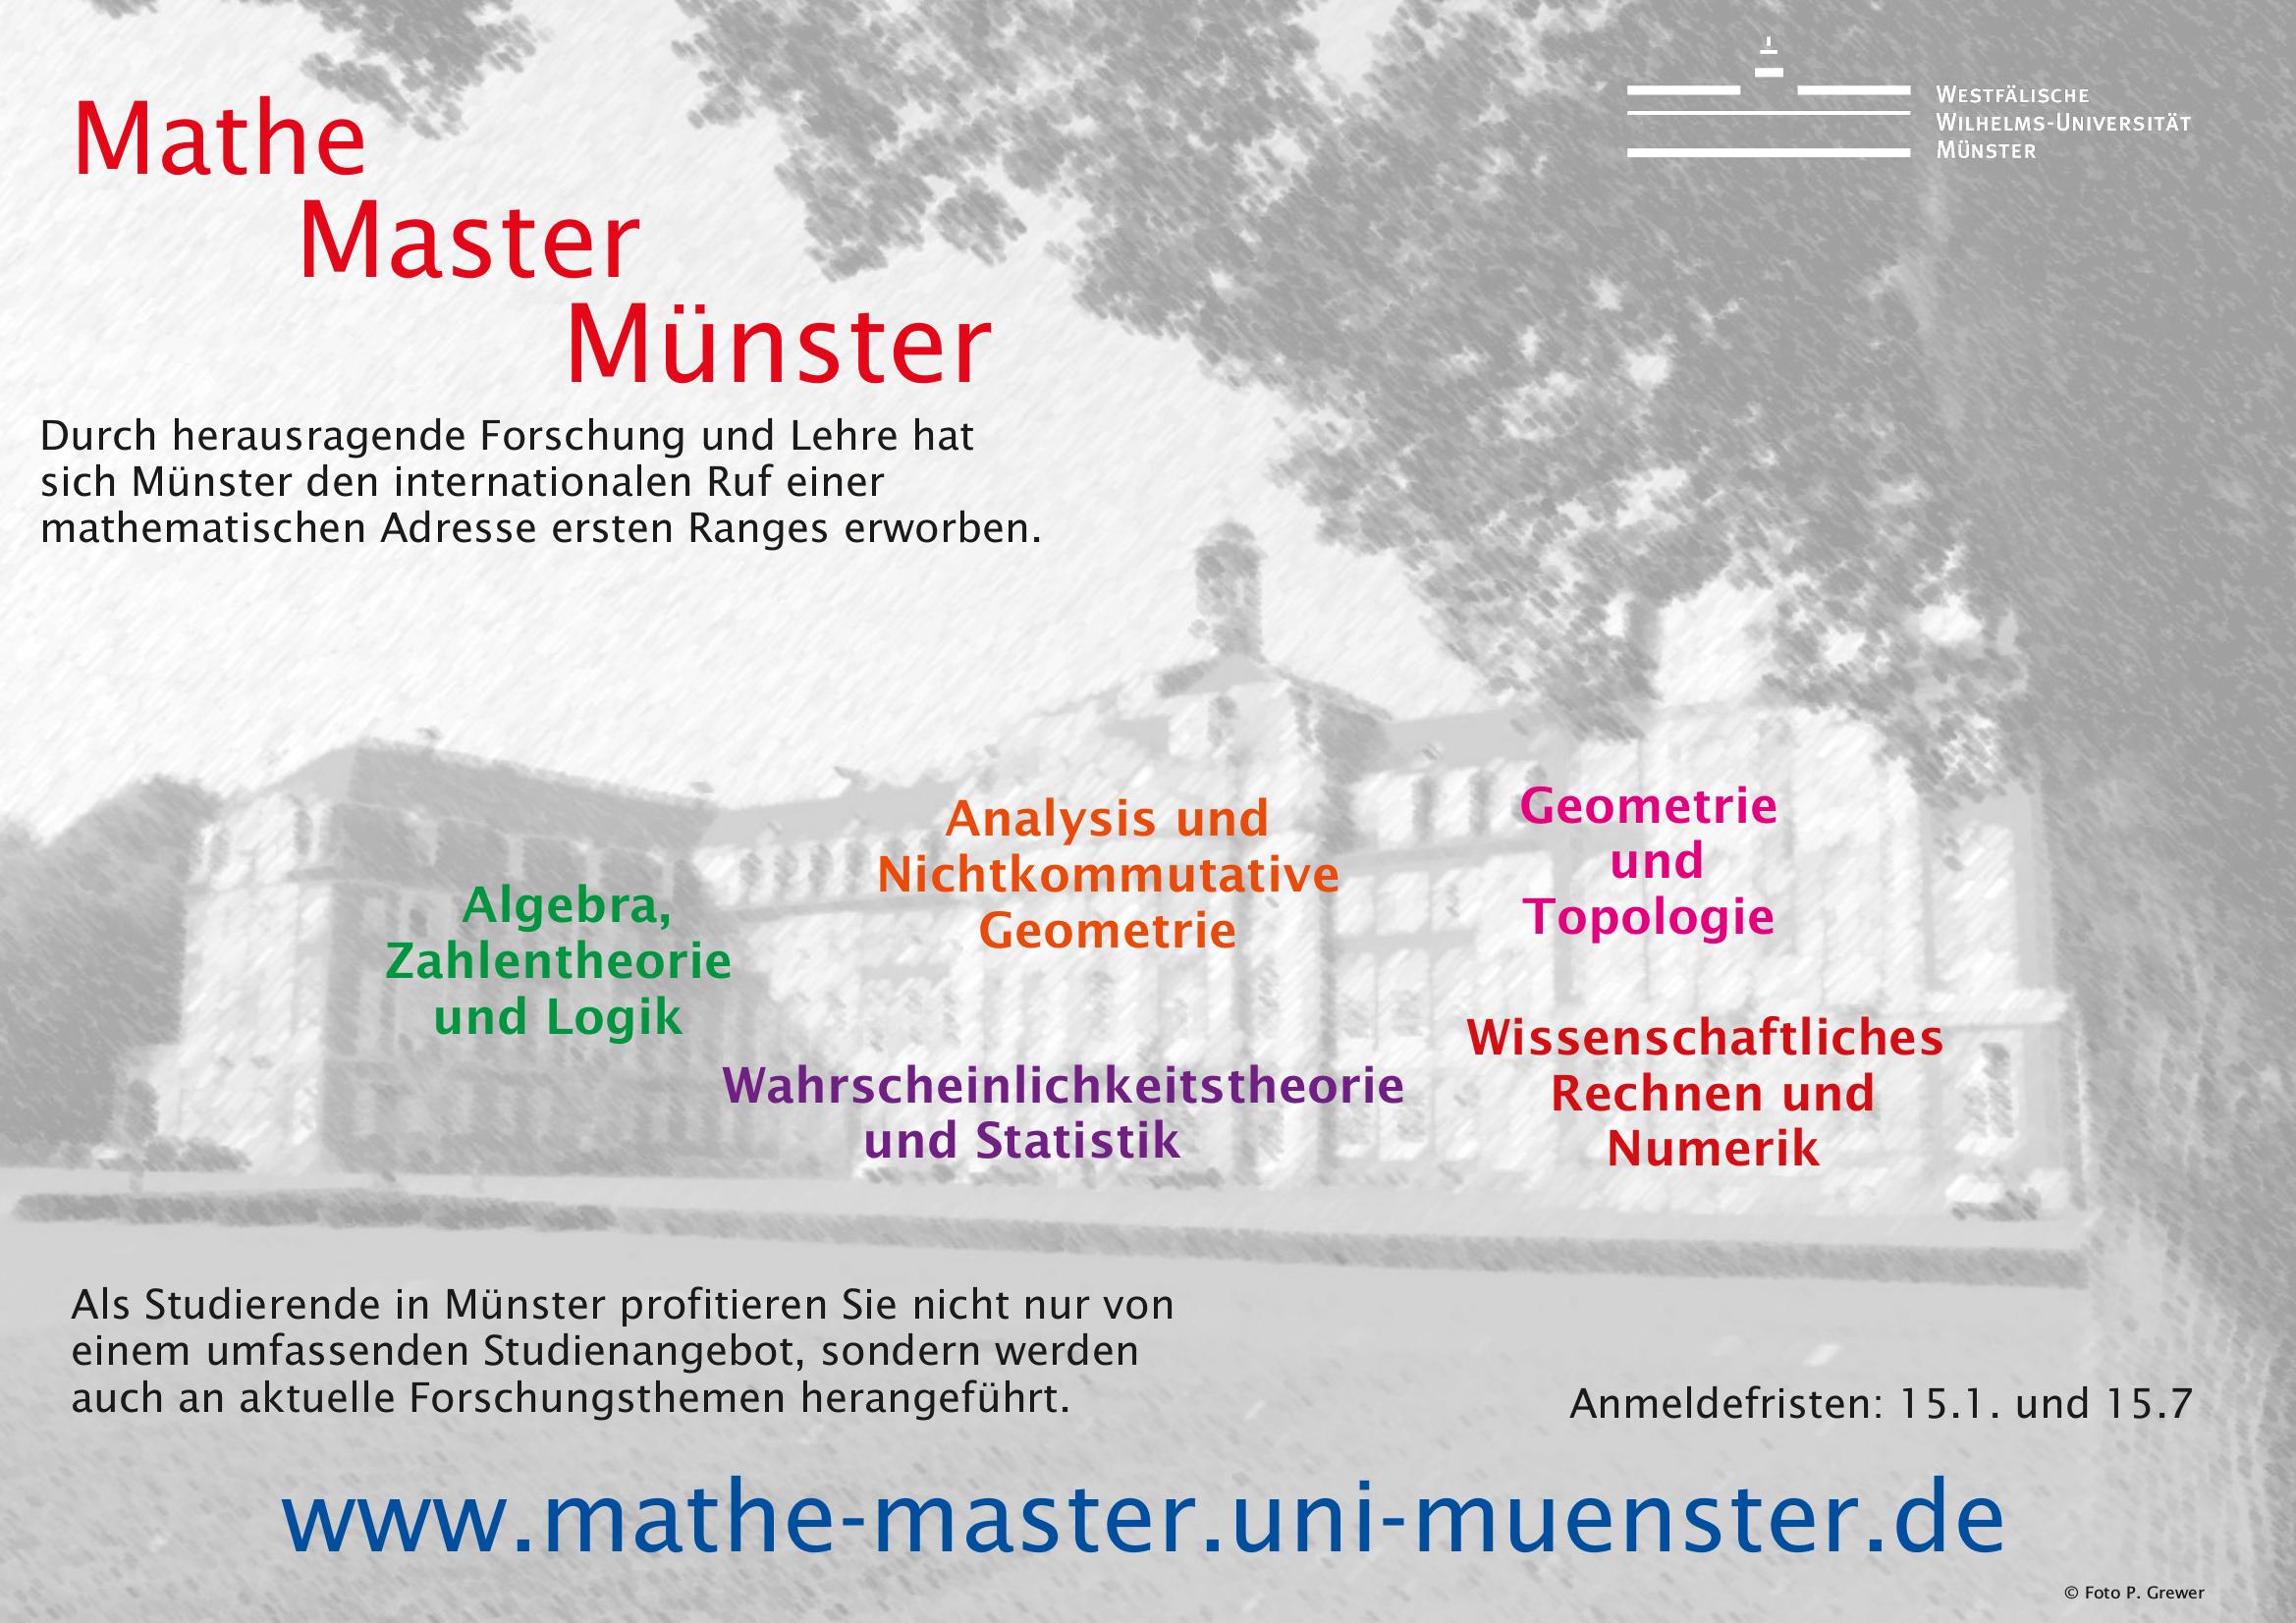 der masterstudiengang mathematik der wwu mnster bietet vielfltige spezialisierungsmglichkeiten in theoretischer und angewandter mathematik - Uni Munster Master Bewerbung